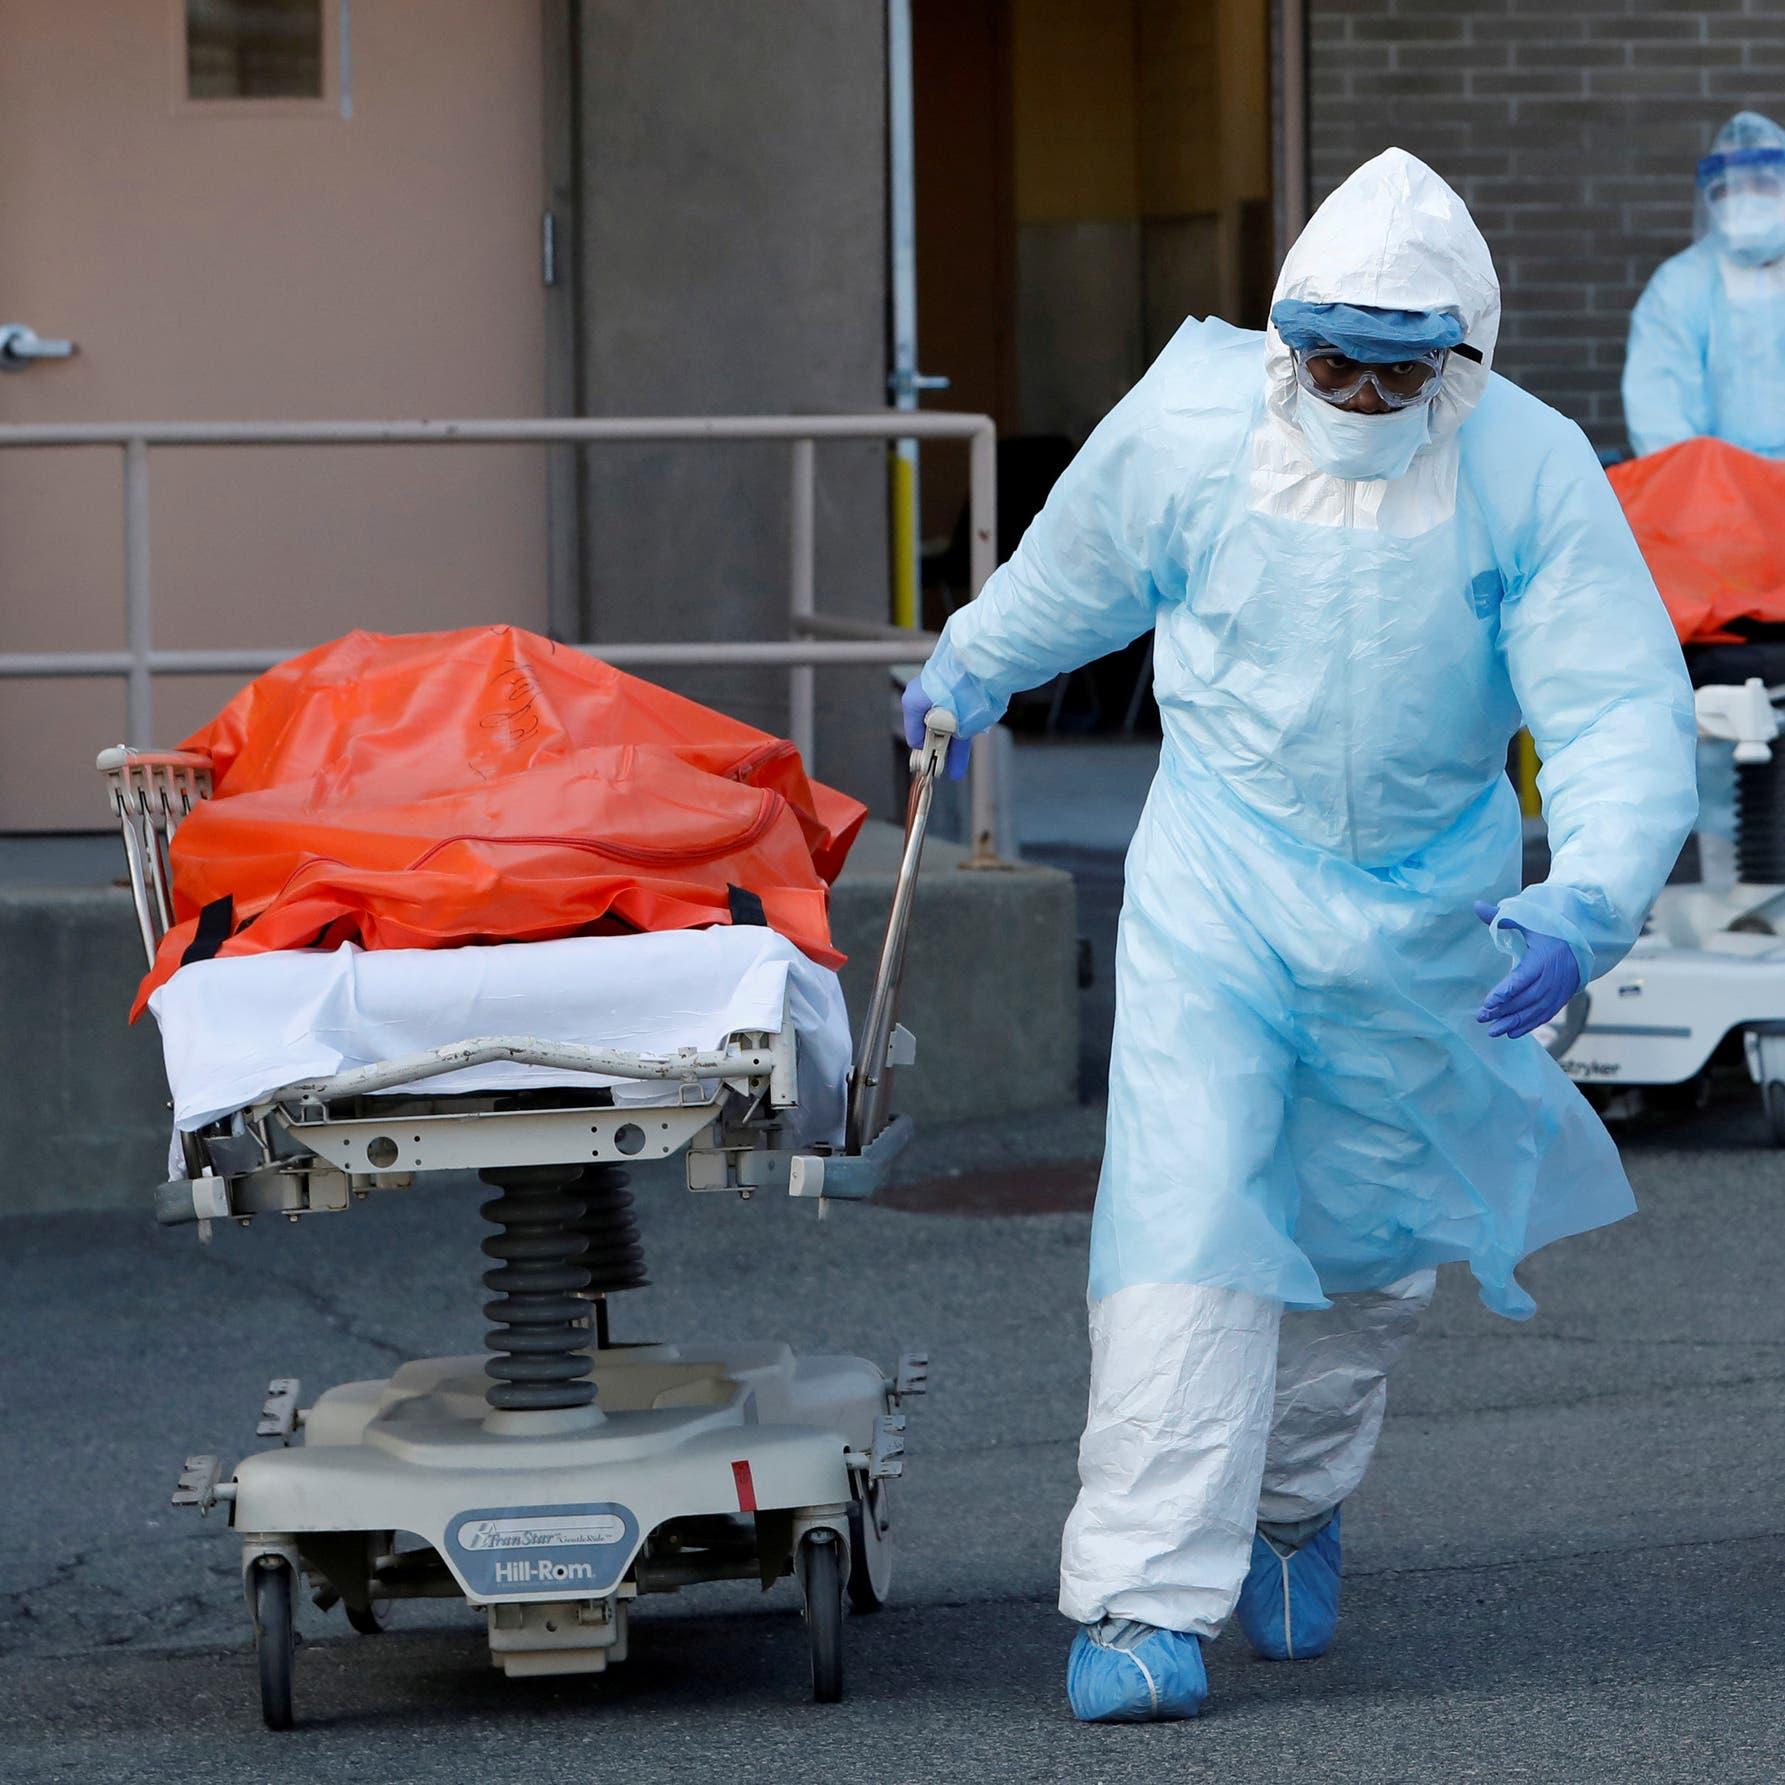 كورونا في أميركا.. صحيفة تكشف بداية ظهور الوباء